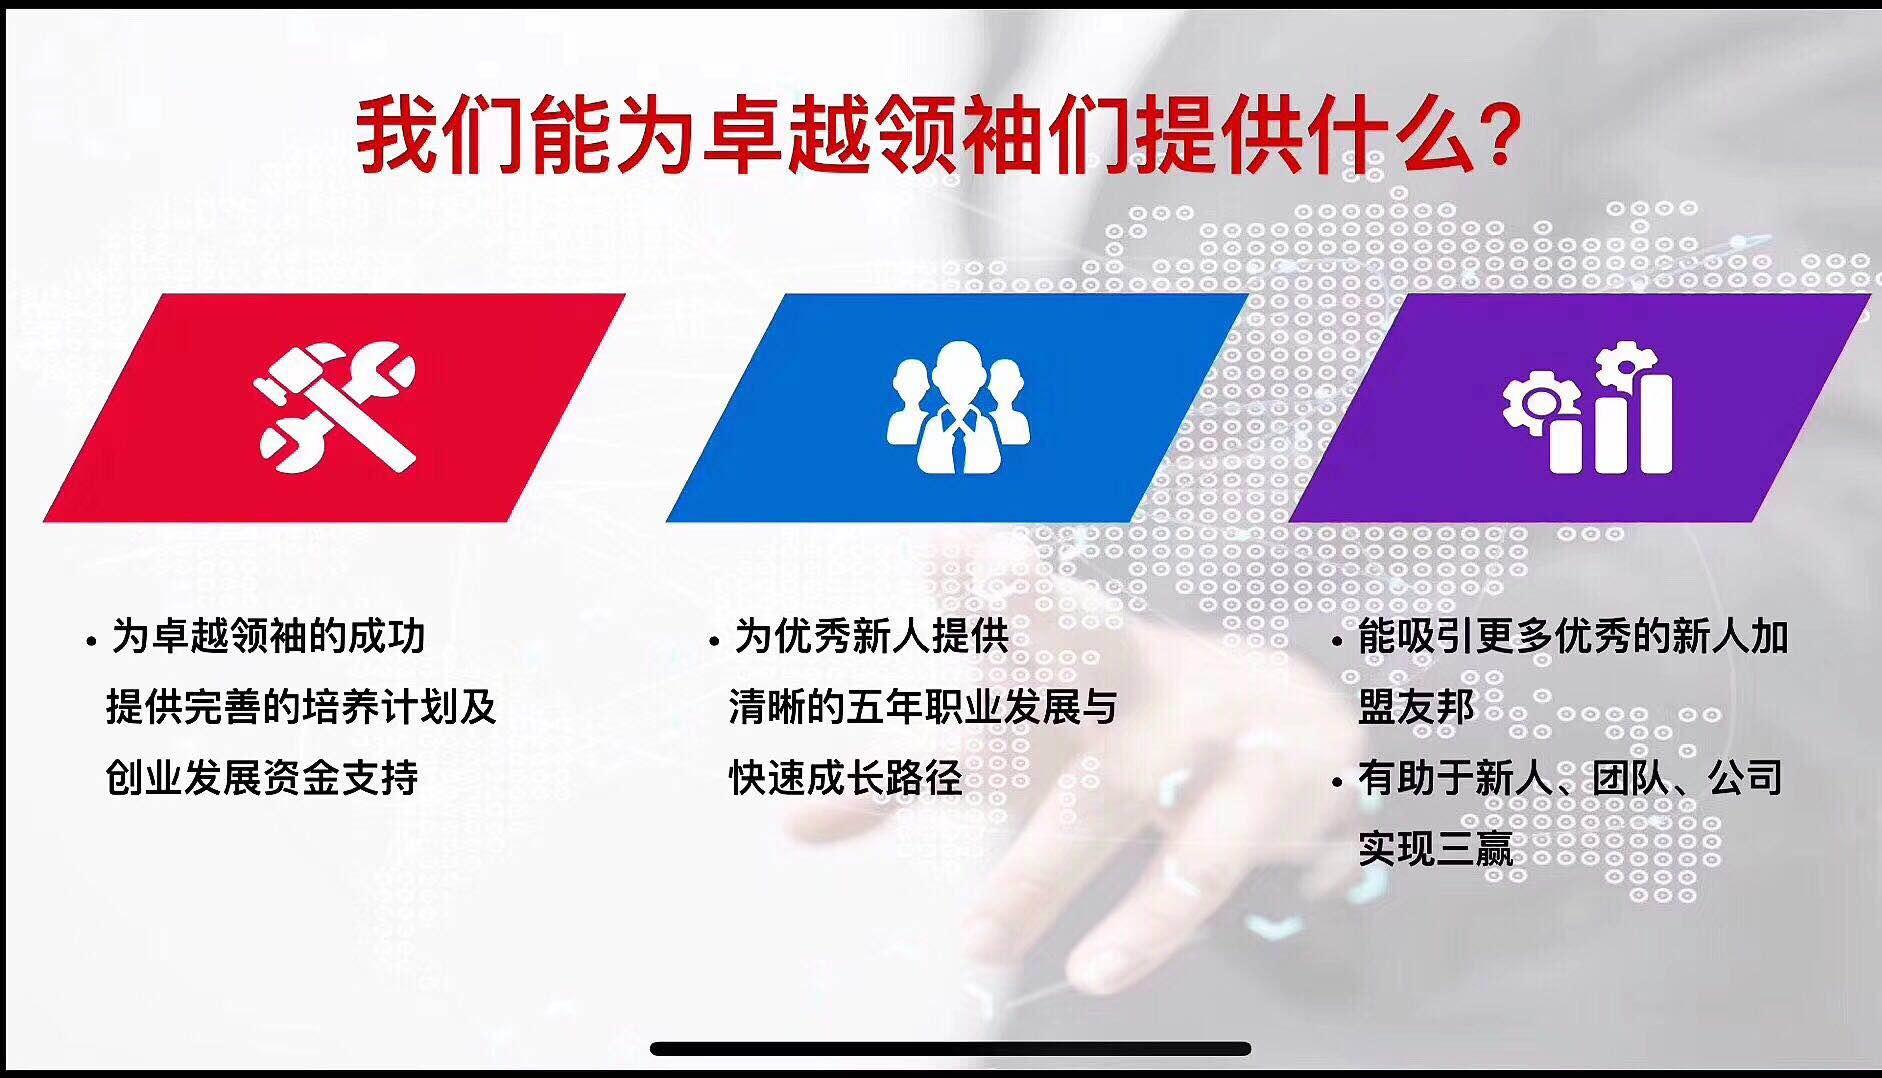 友邦保险广东分公司-_才通国际人才网_job001.cn